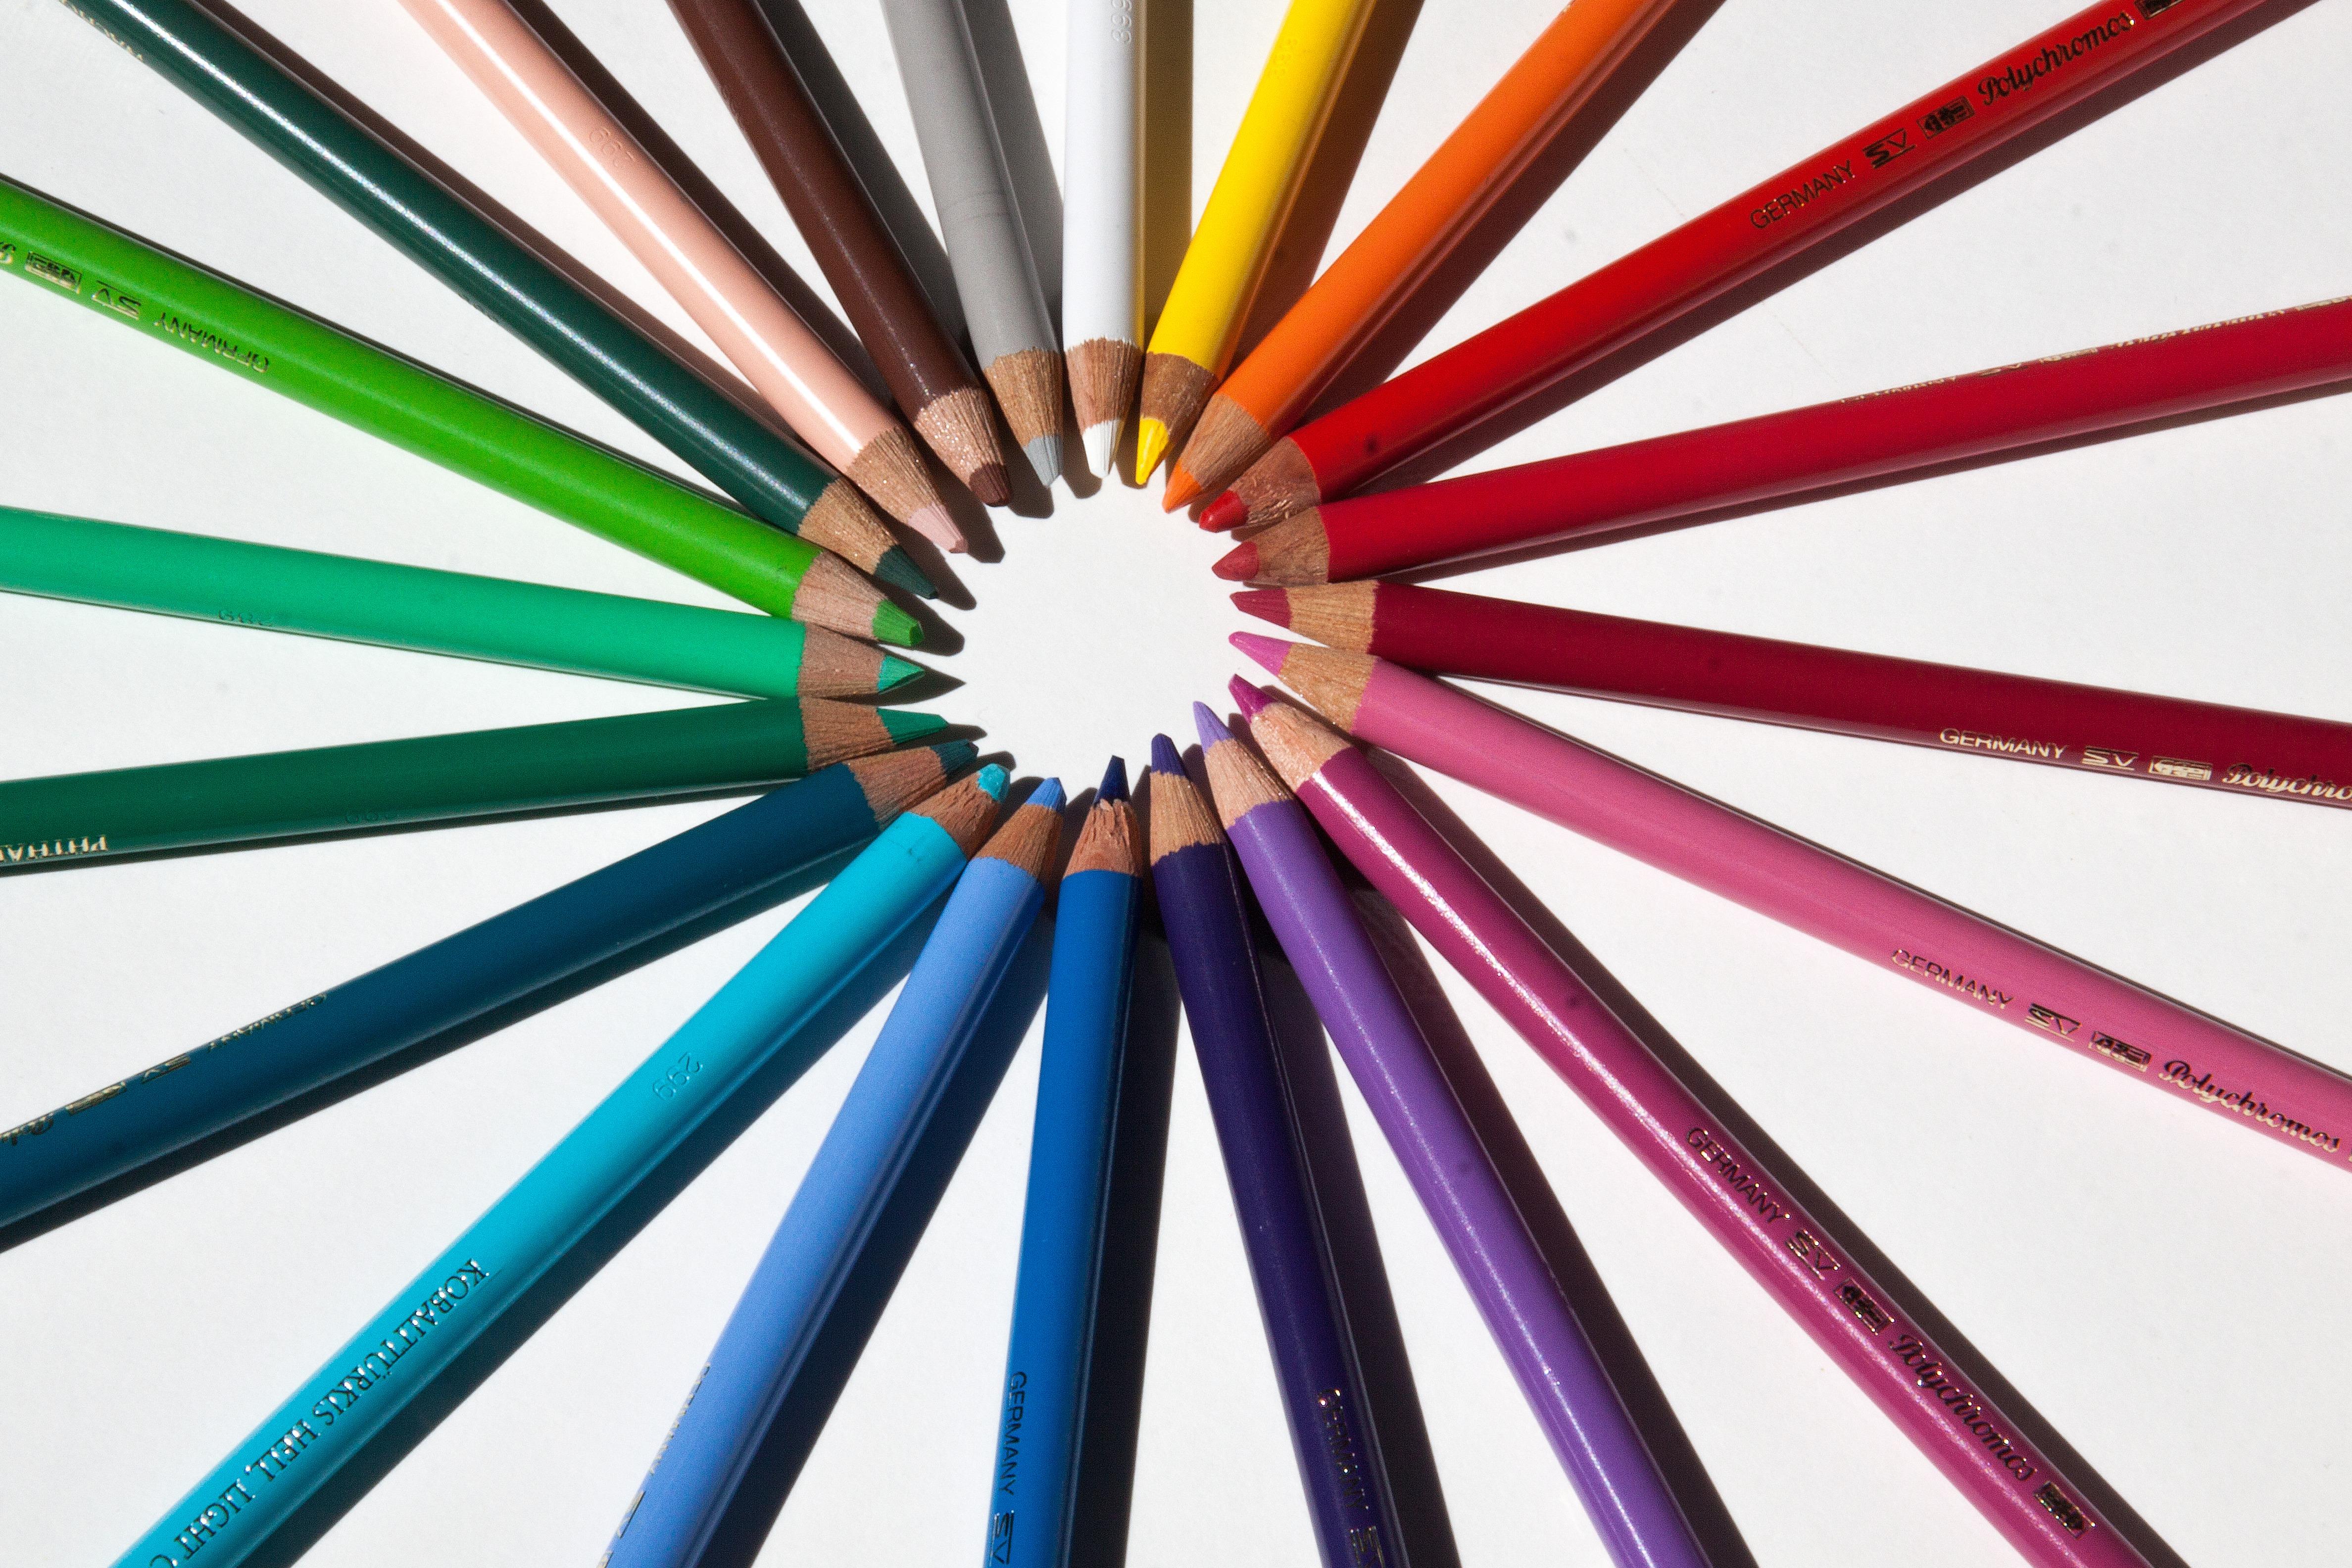 Gambar Roda Bintang Spiral Pola Garis Warna Warni Sketsa